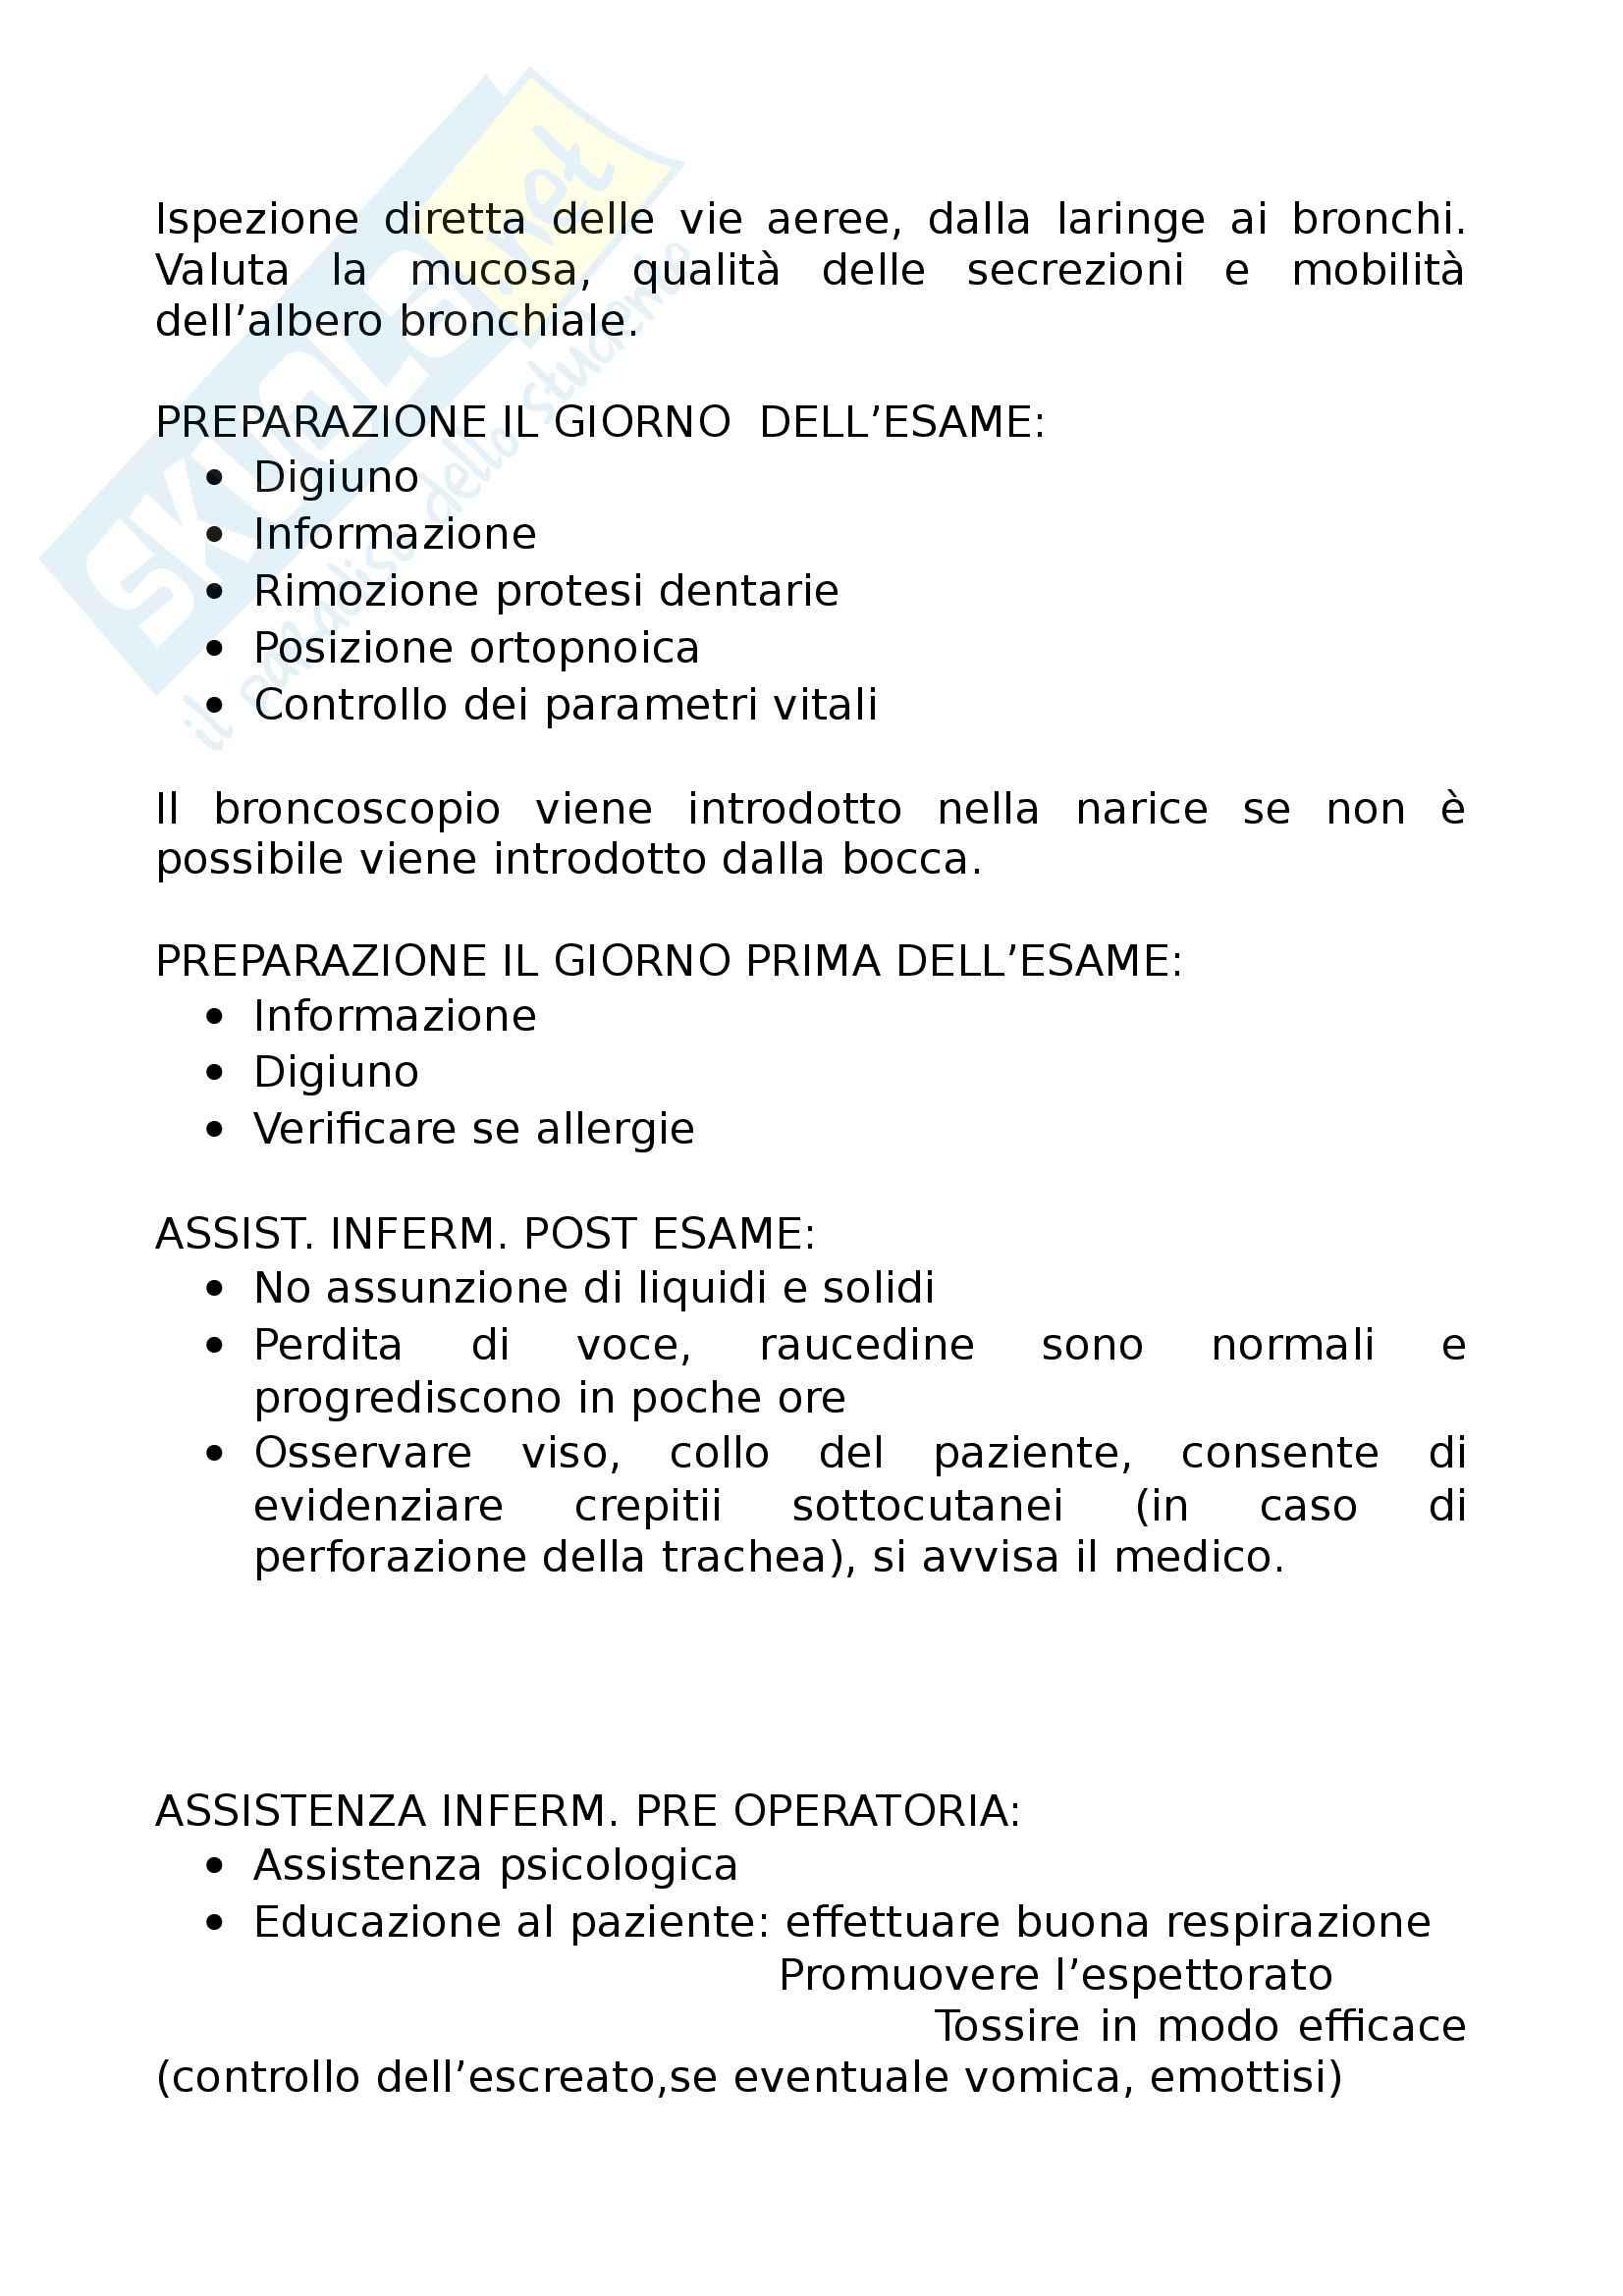 Infermieristica e tecniche infermieristiche chirurgiche - nozioni Pag. 2